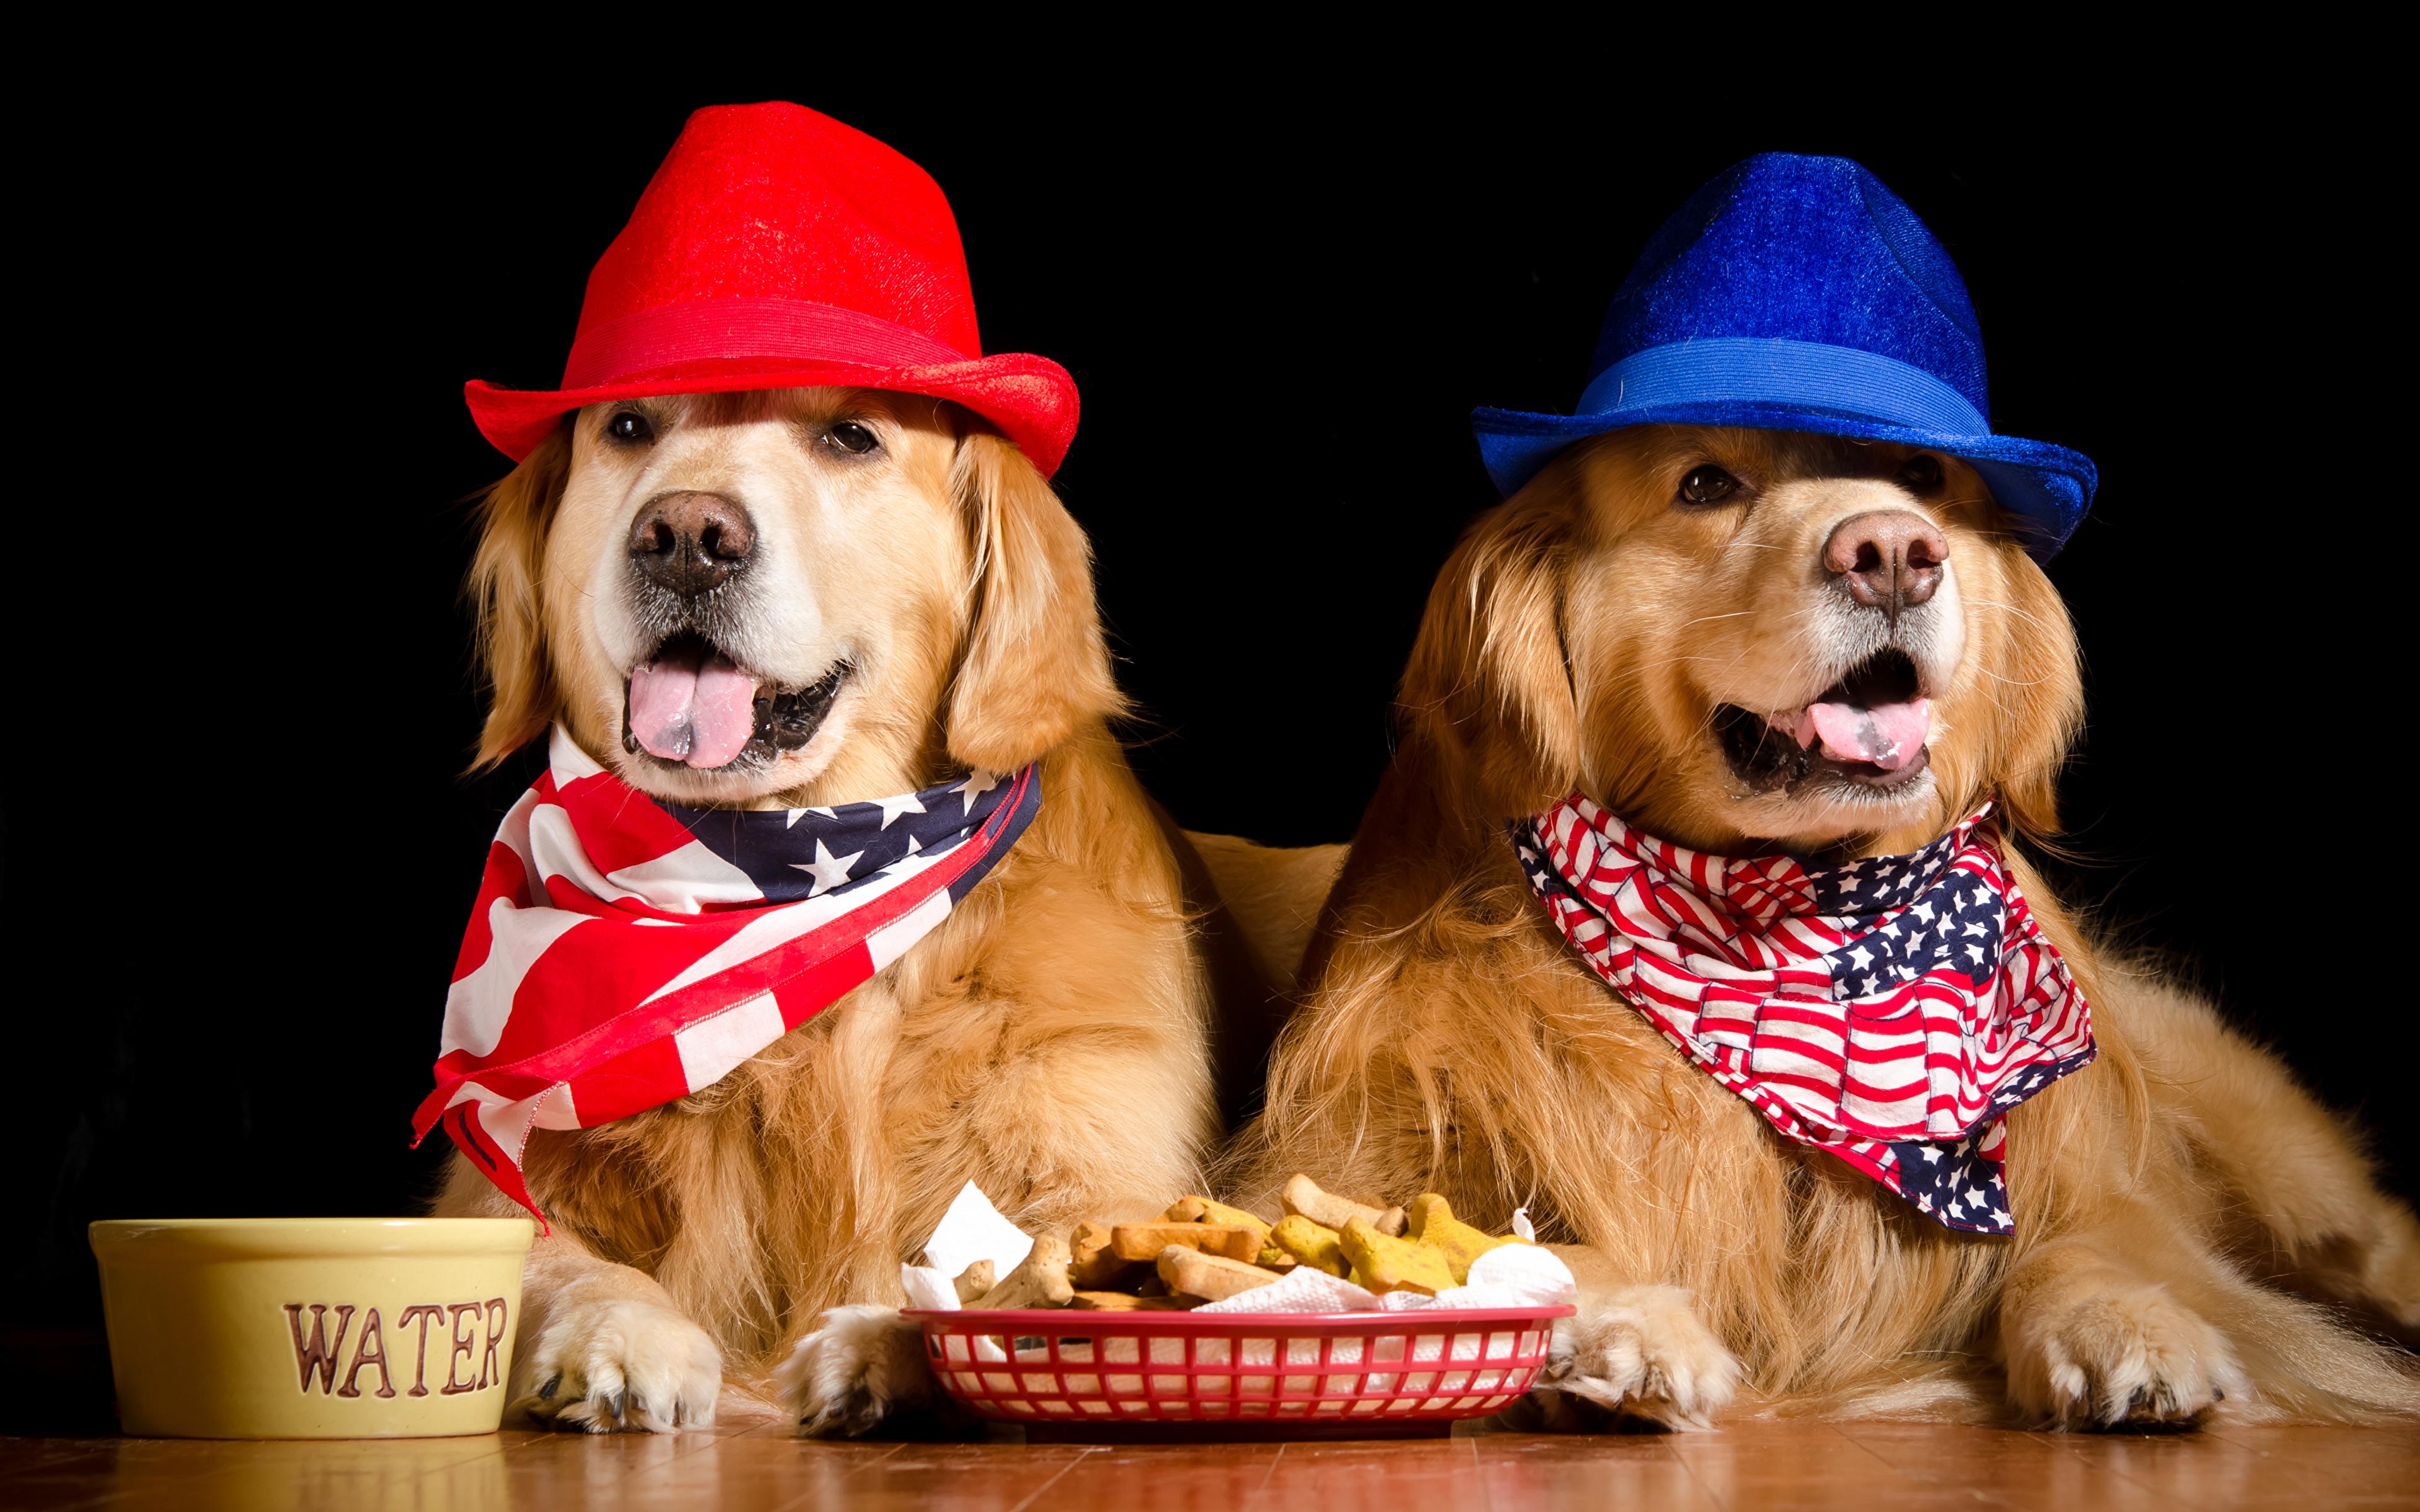 Картинка Золотистый ретривер собака Двое Шляпа животное Черный фон 3840x2400 Голден Собаки 2 две два шляпе шляпы вдвоем Животные на черном фоне